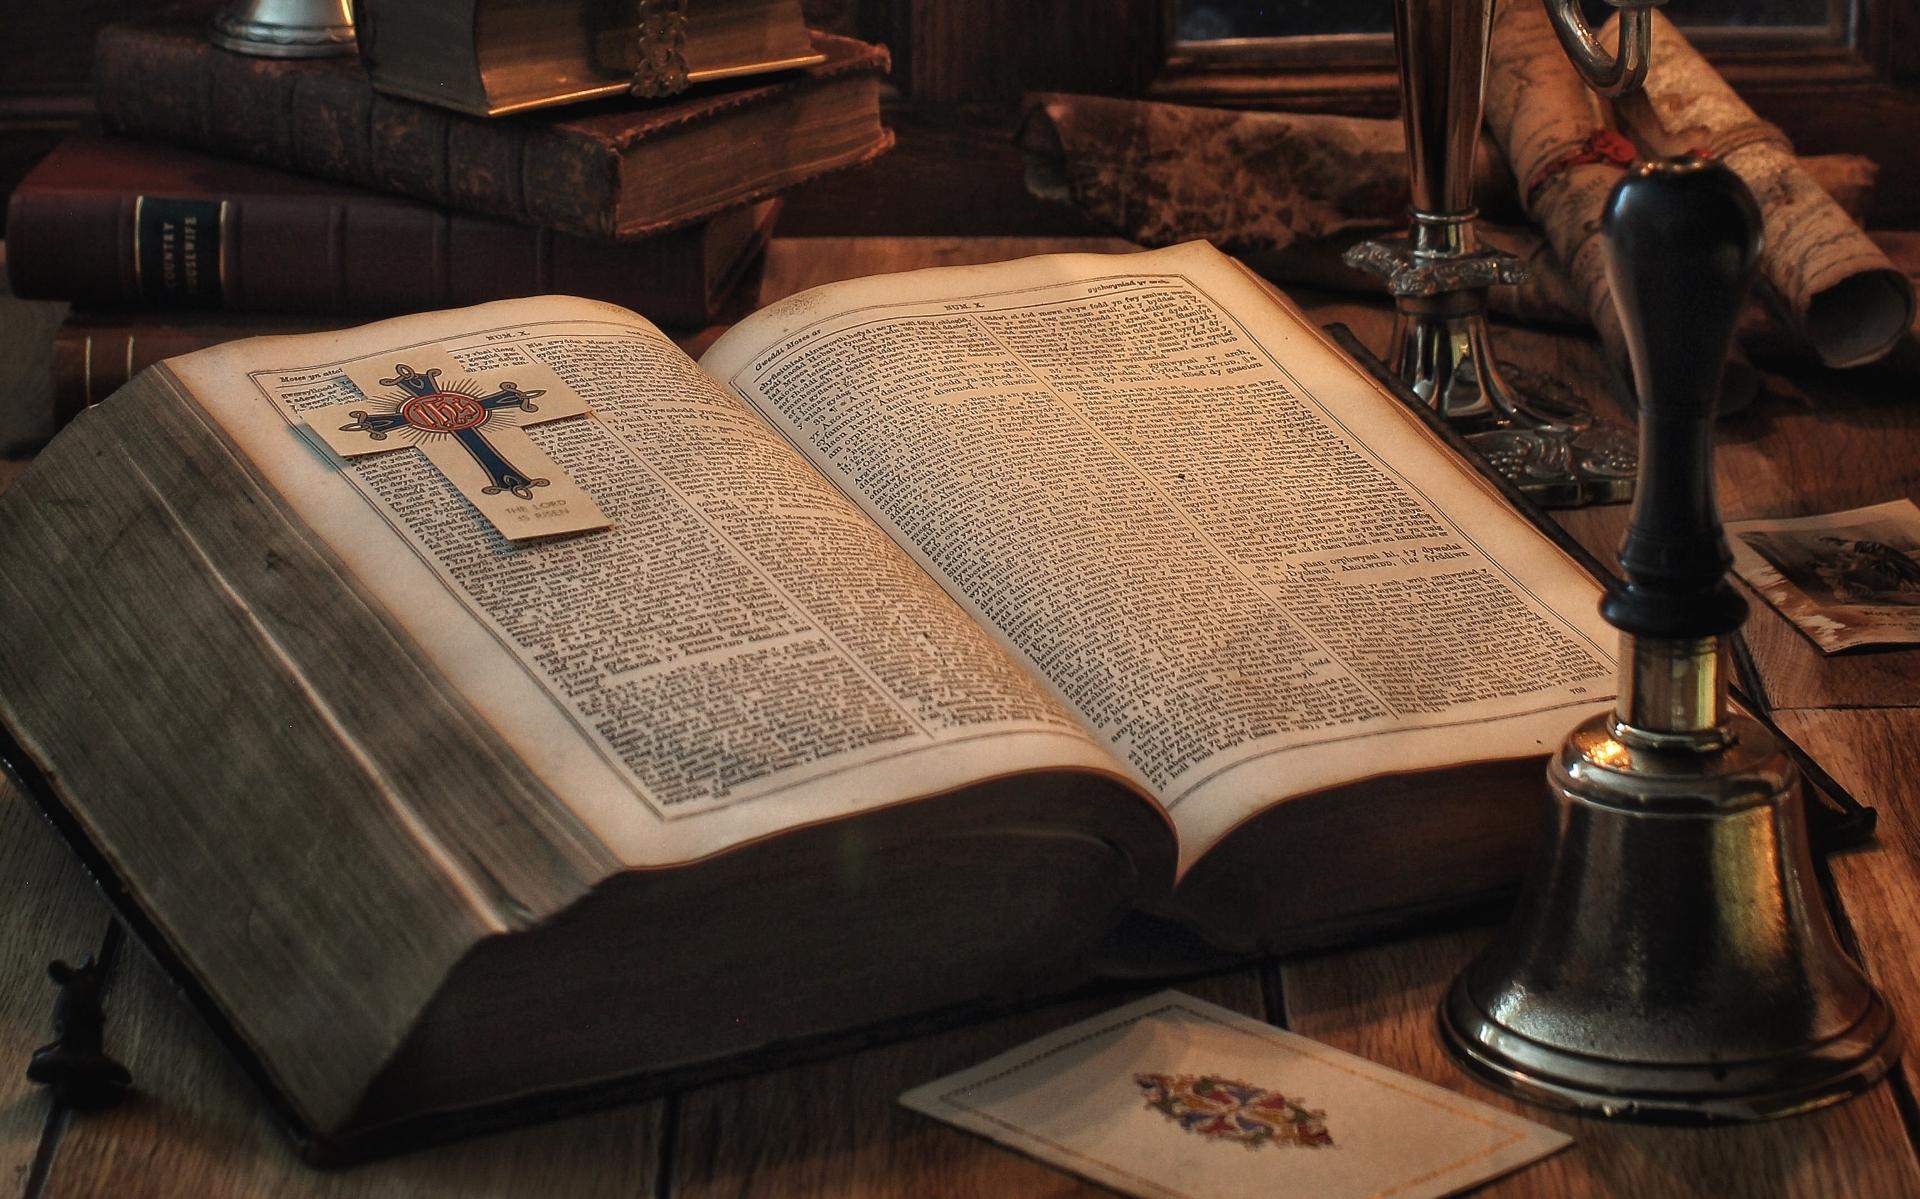 заказанный библия картинки для презентации на окно востребован как садоводами-любителями